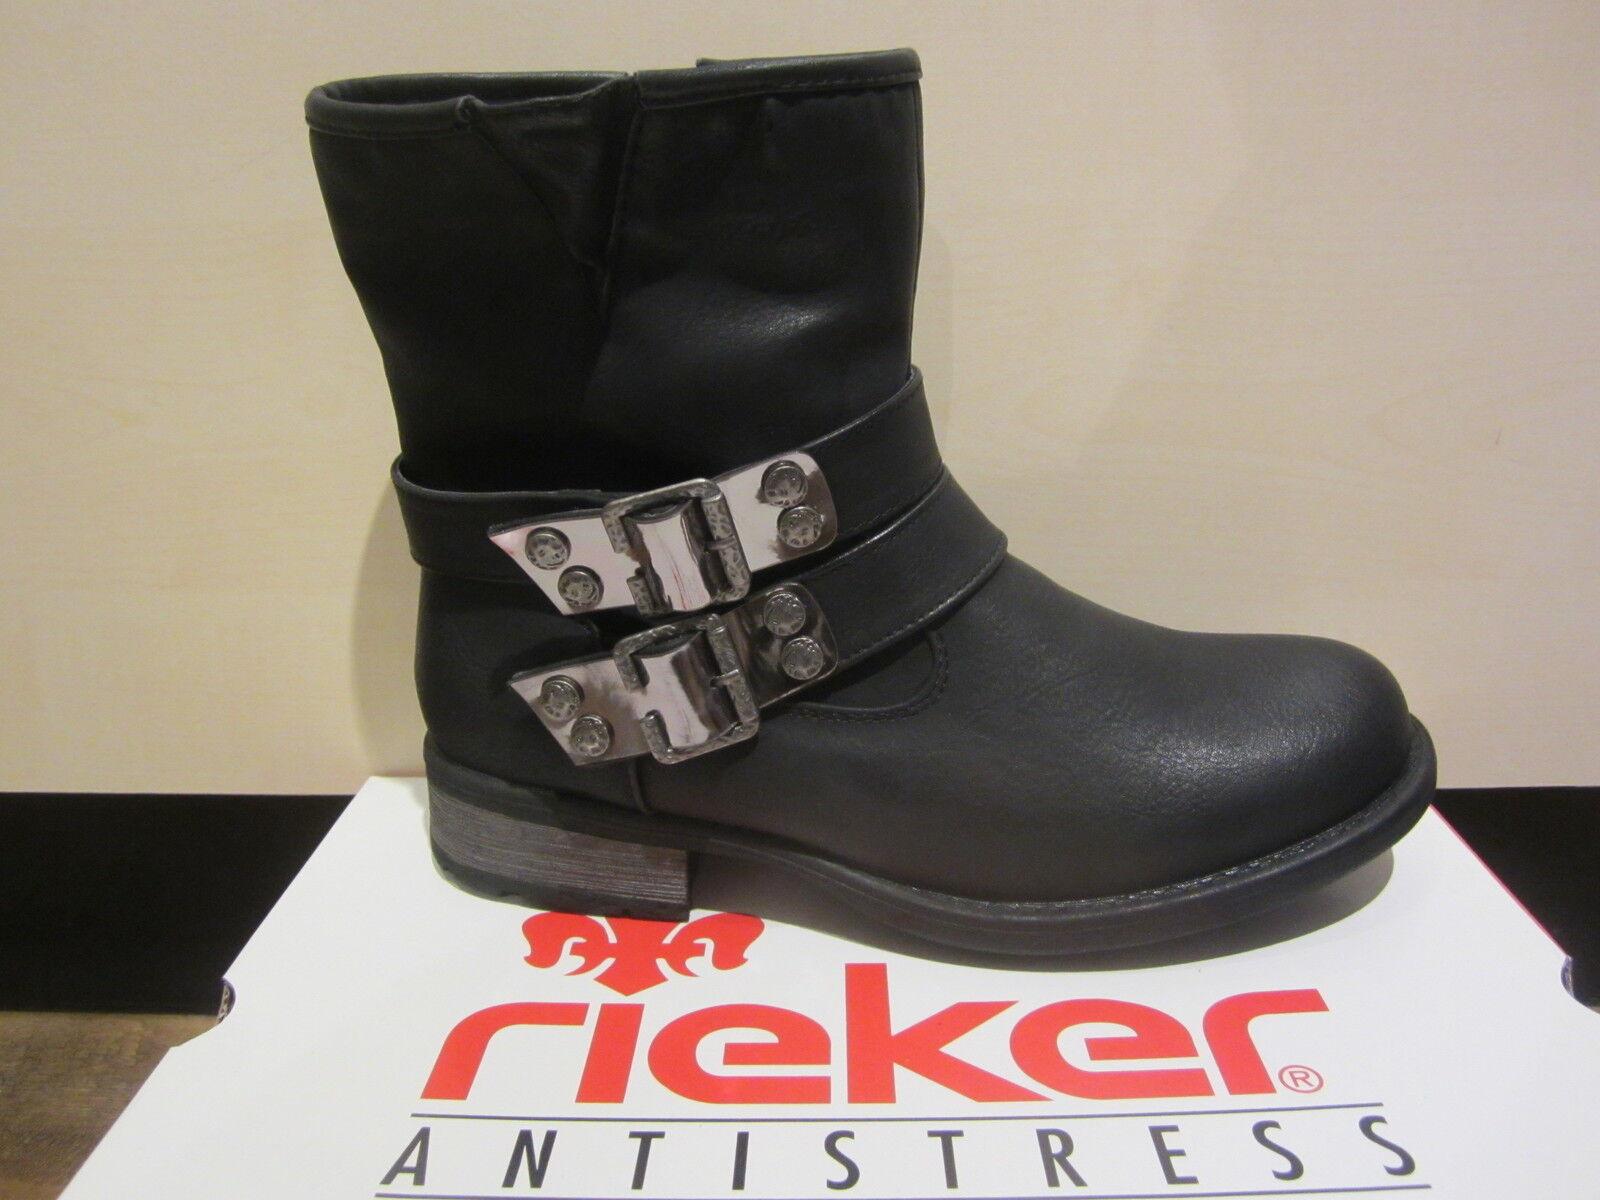 Rieker Damen Stiefel Stiefelette 97264 Boots Winterstiefel schwarz  97264 Stiefelette NEU 88ceff